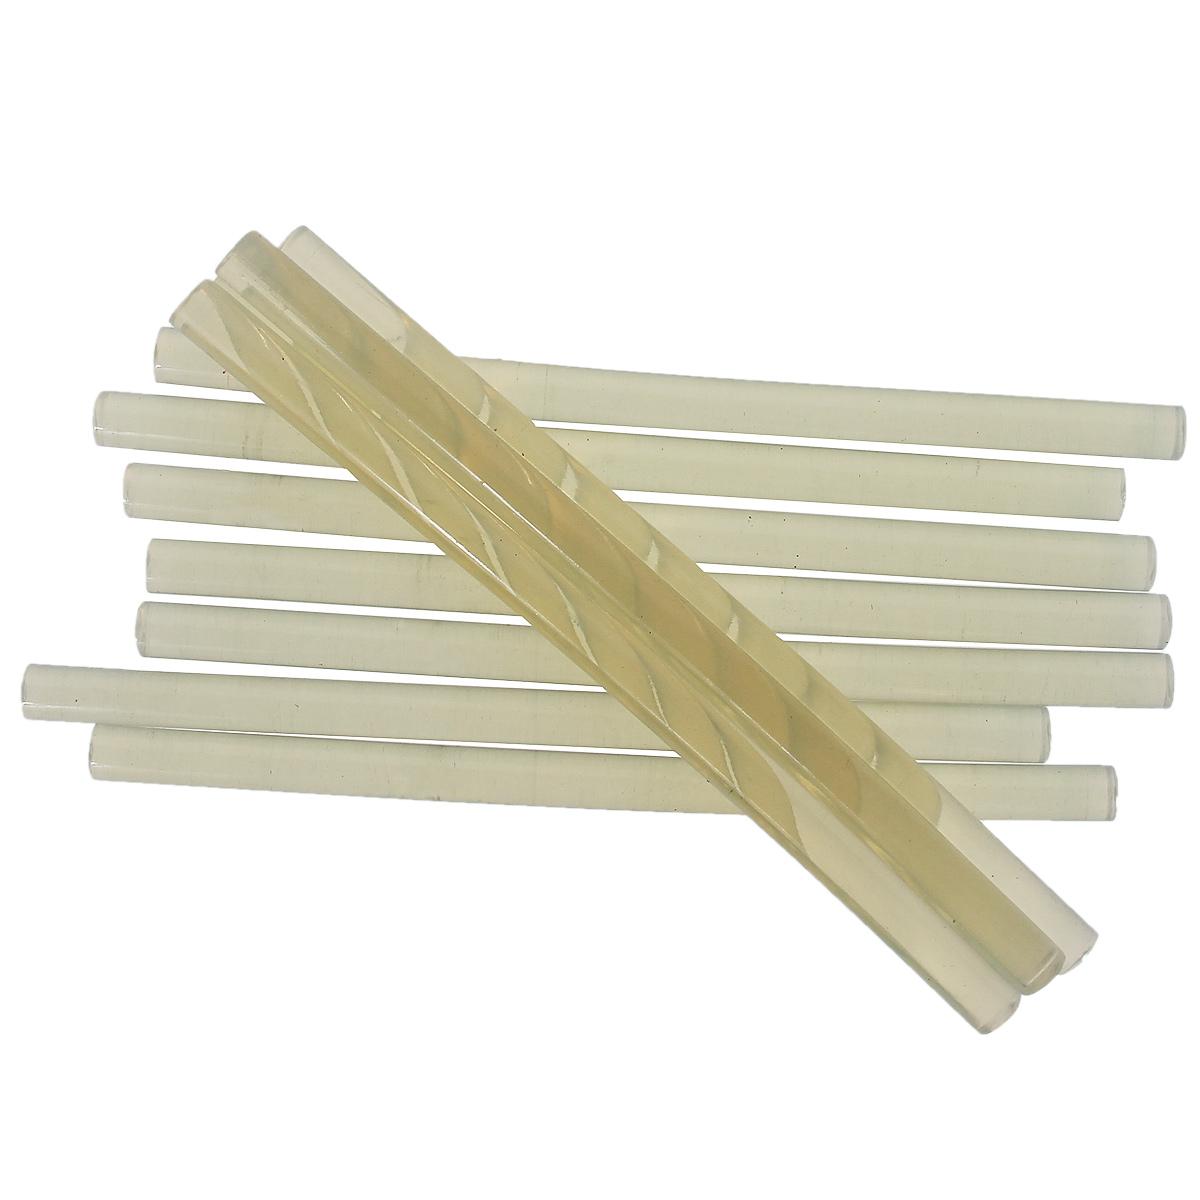 Стержни клеевые FIT, 11 мм х 200 мм, 25 шт14425Клеевые стержни FIT предназначены для клеевых пистолетов 14330, 14336, 14340, 14350, 14355, 14360. Применяются для склеивания различных синтетических материалов, дерева, линолеума, бумаги, керамики, кафельной плитки. Материал: этиленвинилацетат. Комплектация: 25 шт. Диаметр: 11 мм. Длина: 200 мм.